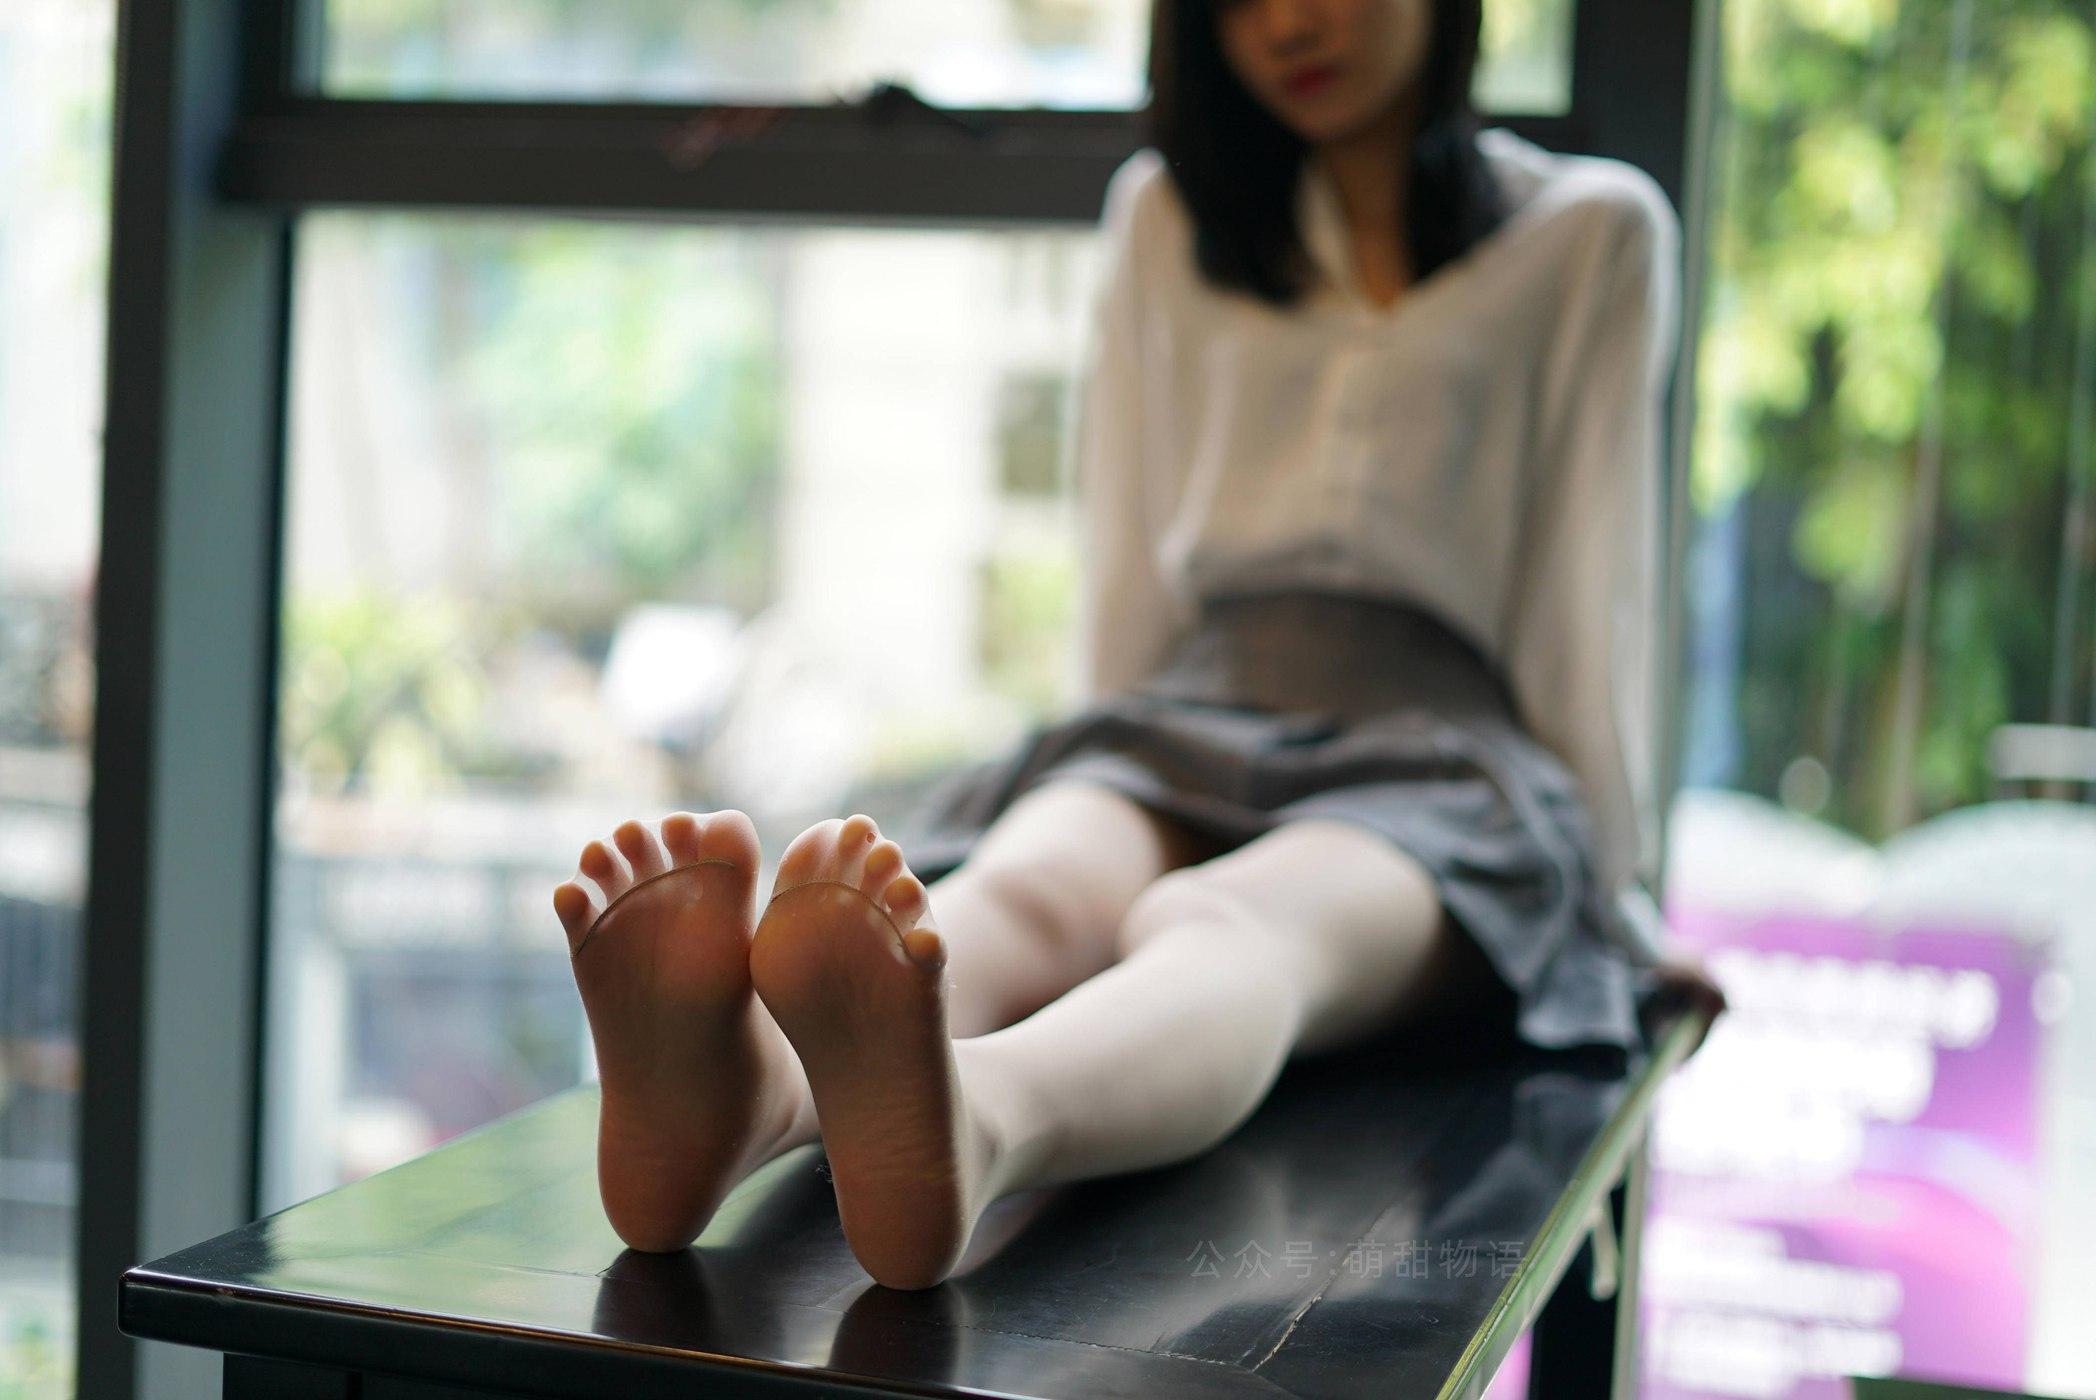 [萌甜物语]XM118《慵懒的衬衣-腿腿》[101P]